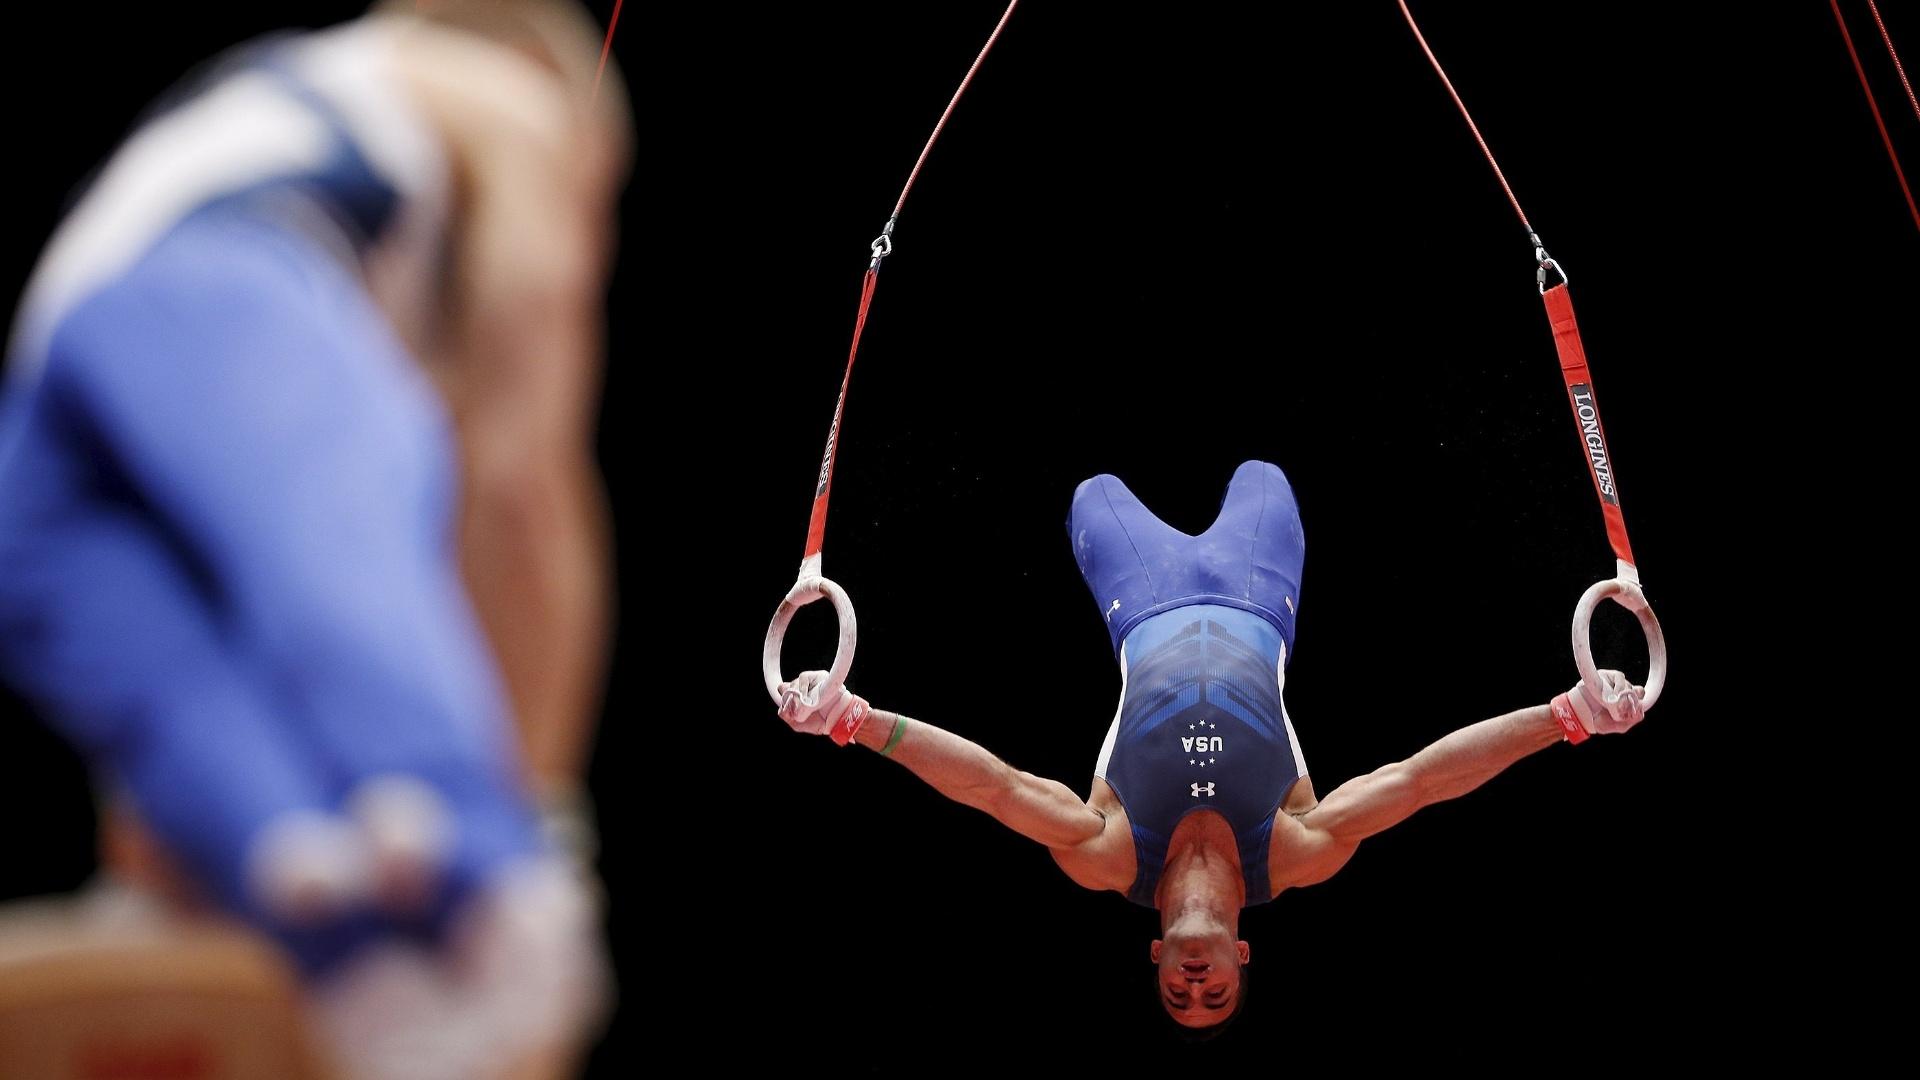 Danell Leyva, dos EUA, se apresenta na argolas na eliminatória do Mundial de ginástica artística